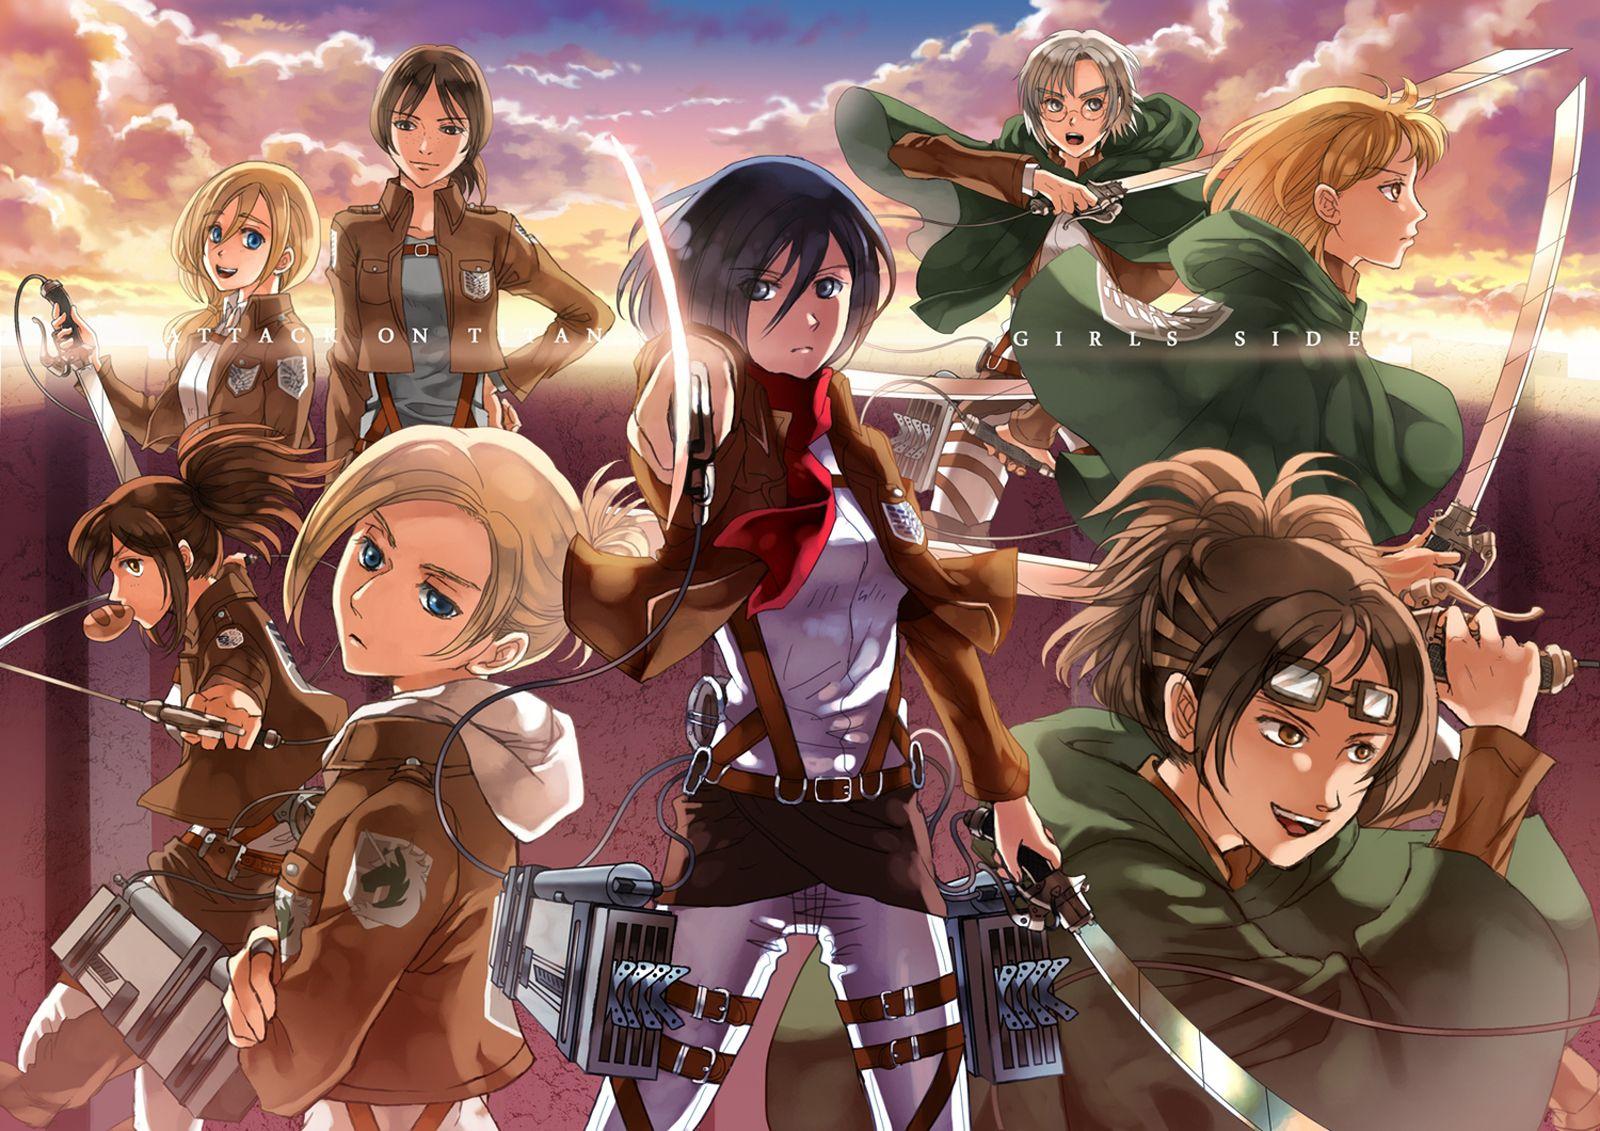 Ketawa Lucu Dan Humor Anime Attack On Titan Wallpaper